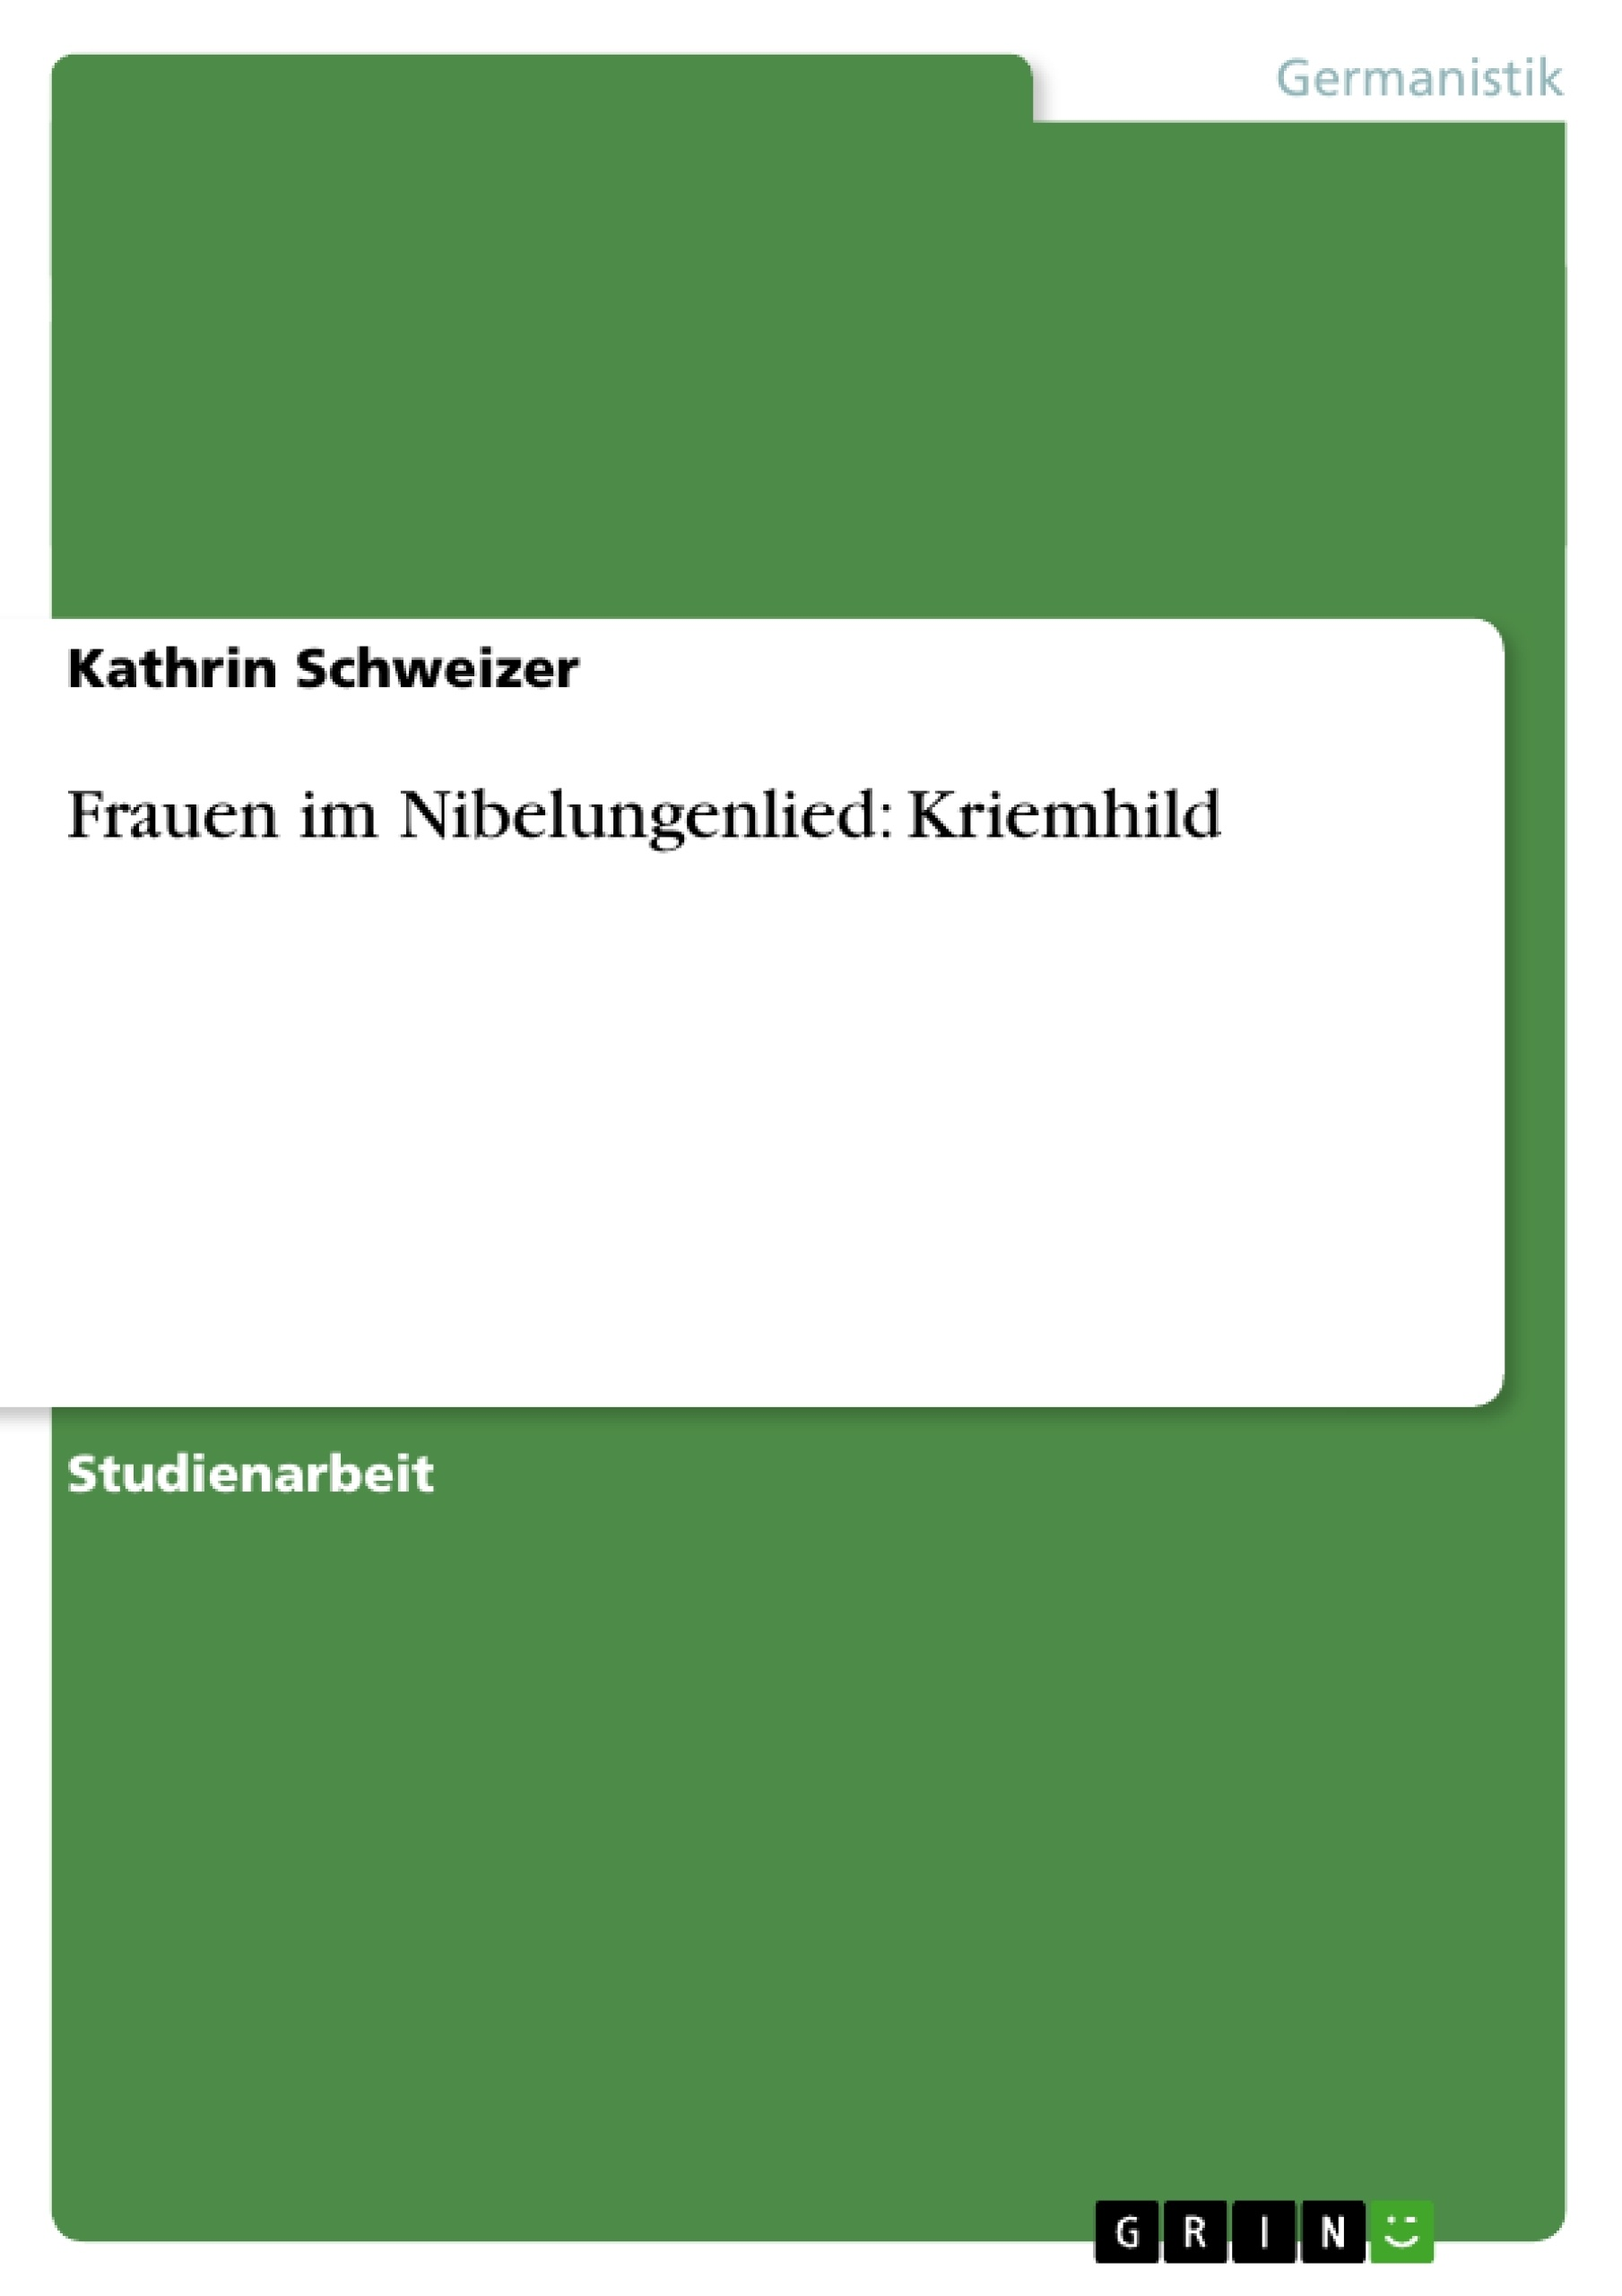 Titel: Frauen im Nibelungenlied: Kriemhild